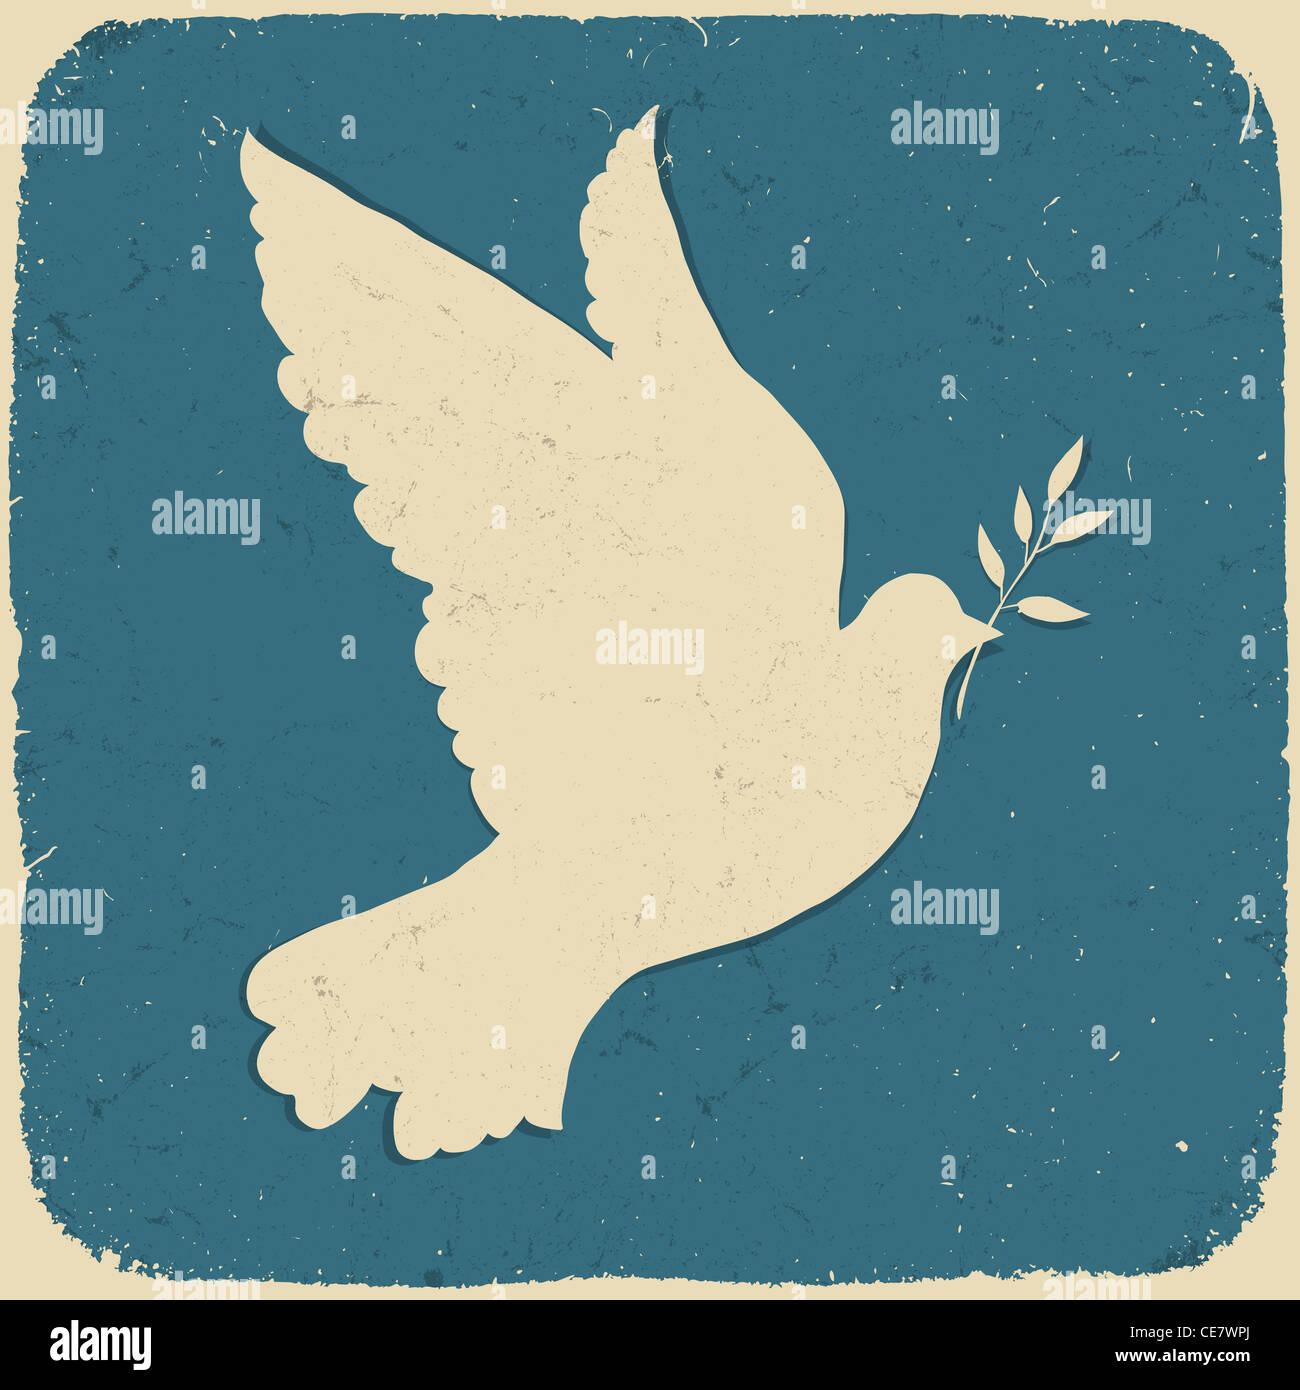 Colombe de la paix. Illustration de style rétro Photo Stock